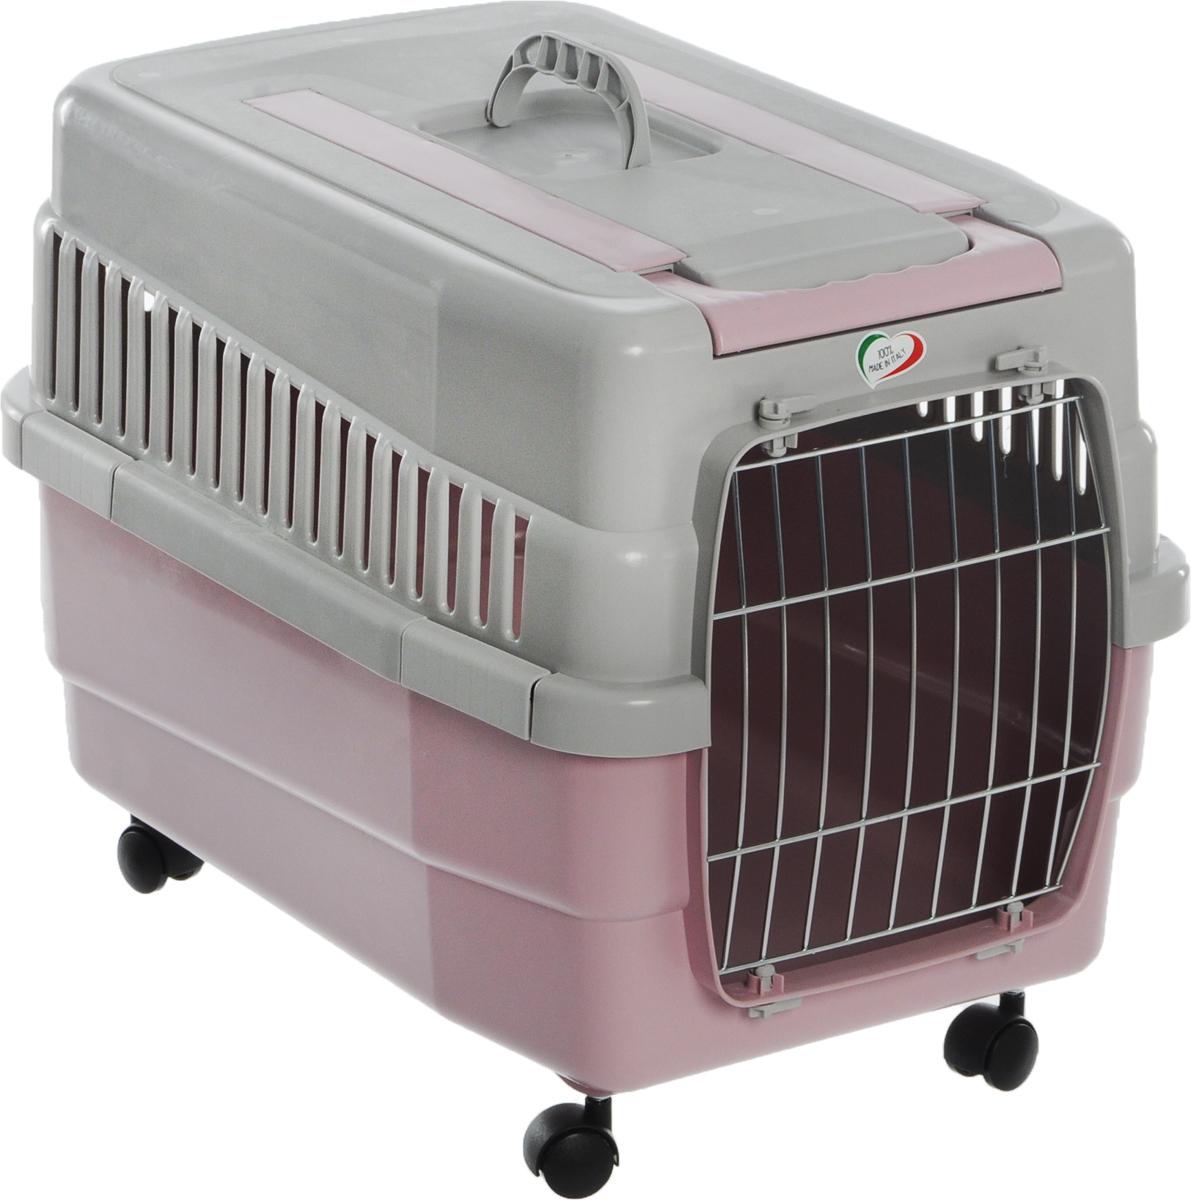 Переноска для животных IMAC  Kim 60 , на колесах, цвет: светло-серый, розовый, 60 х 40 х 45 см